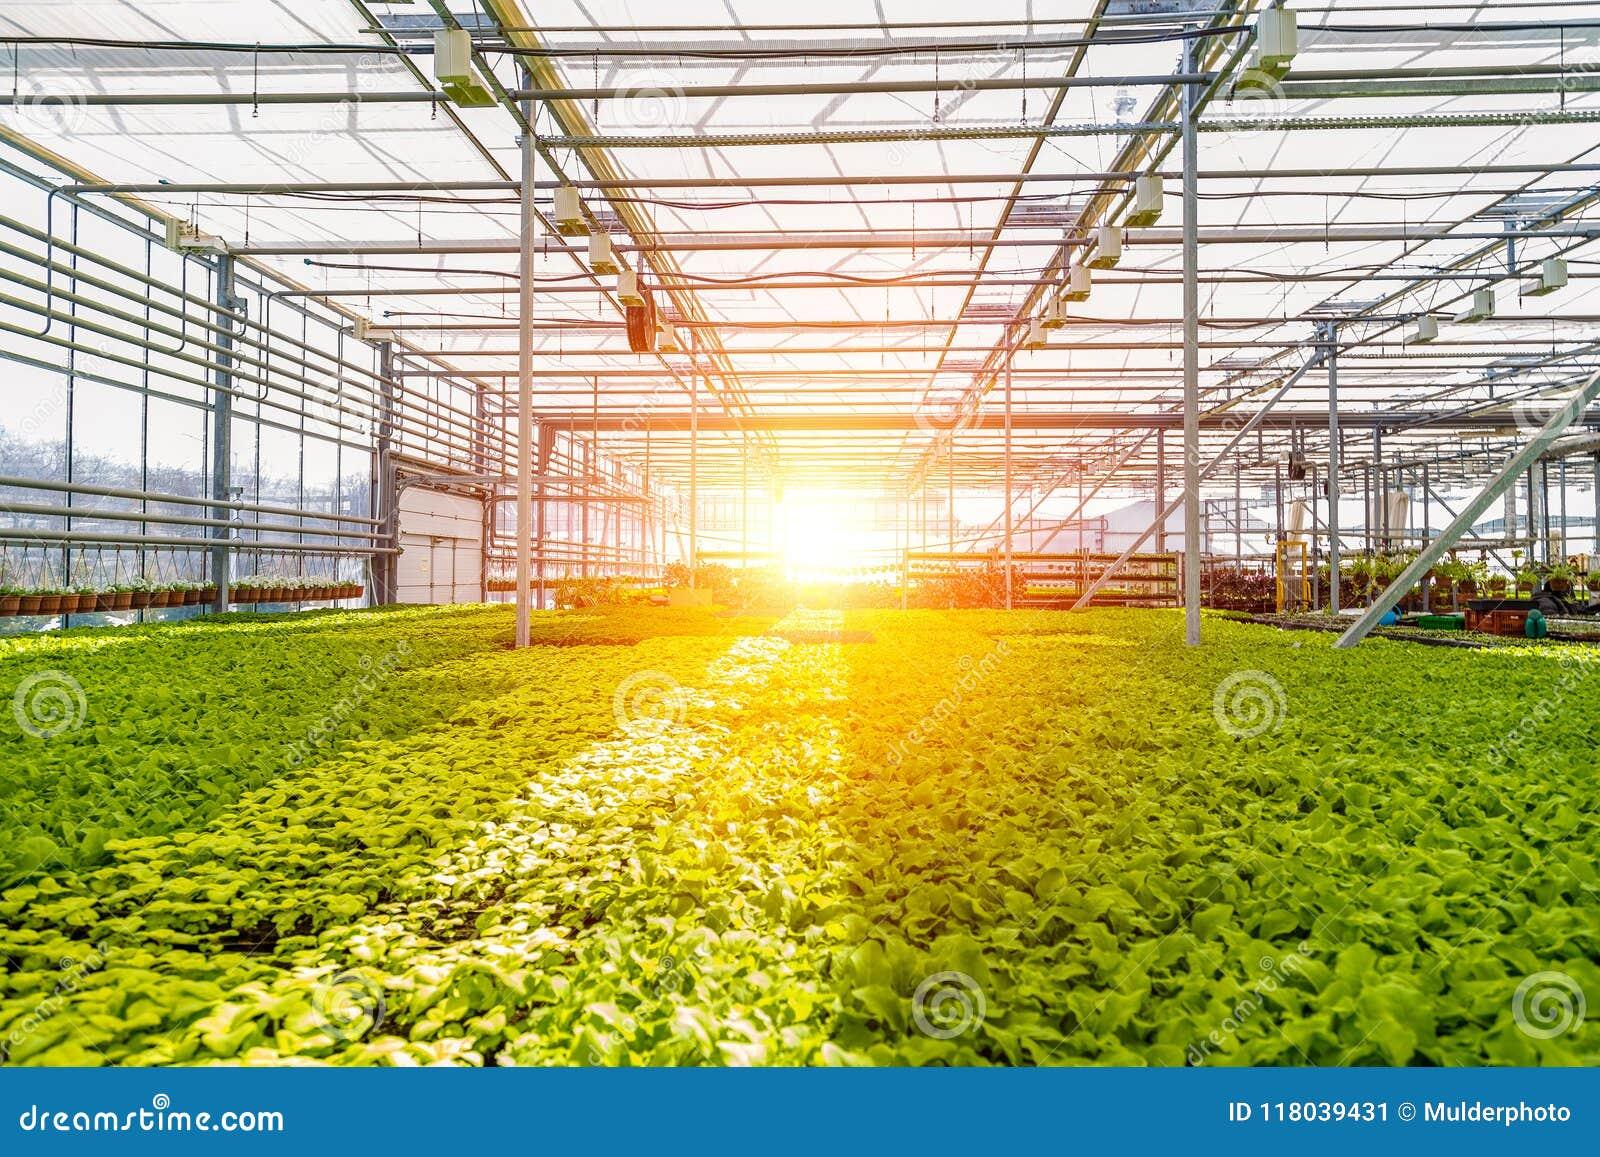 Современный hydroponic парник с системой контроля климата для культивирования цветков и орнаментальных заводов для садовничать